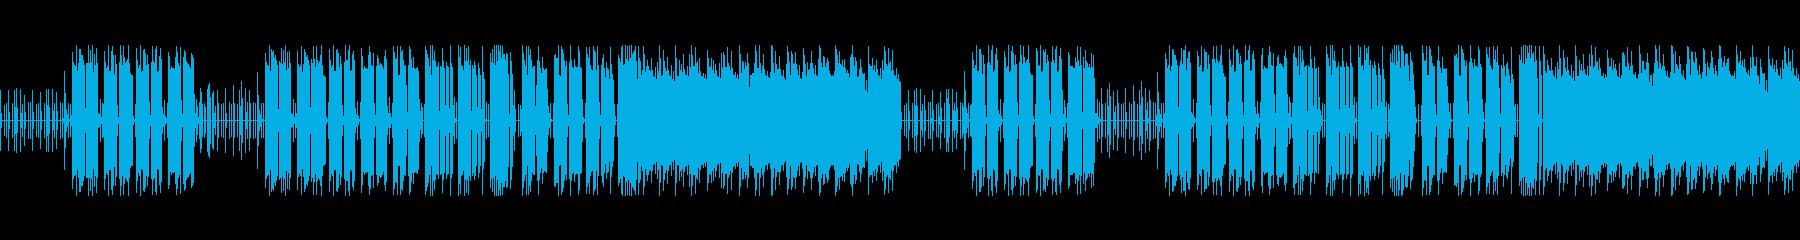 ゆったりとしたリズムのチップチューンの再生済みの波形